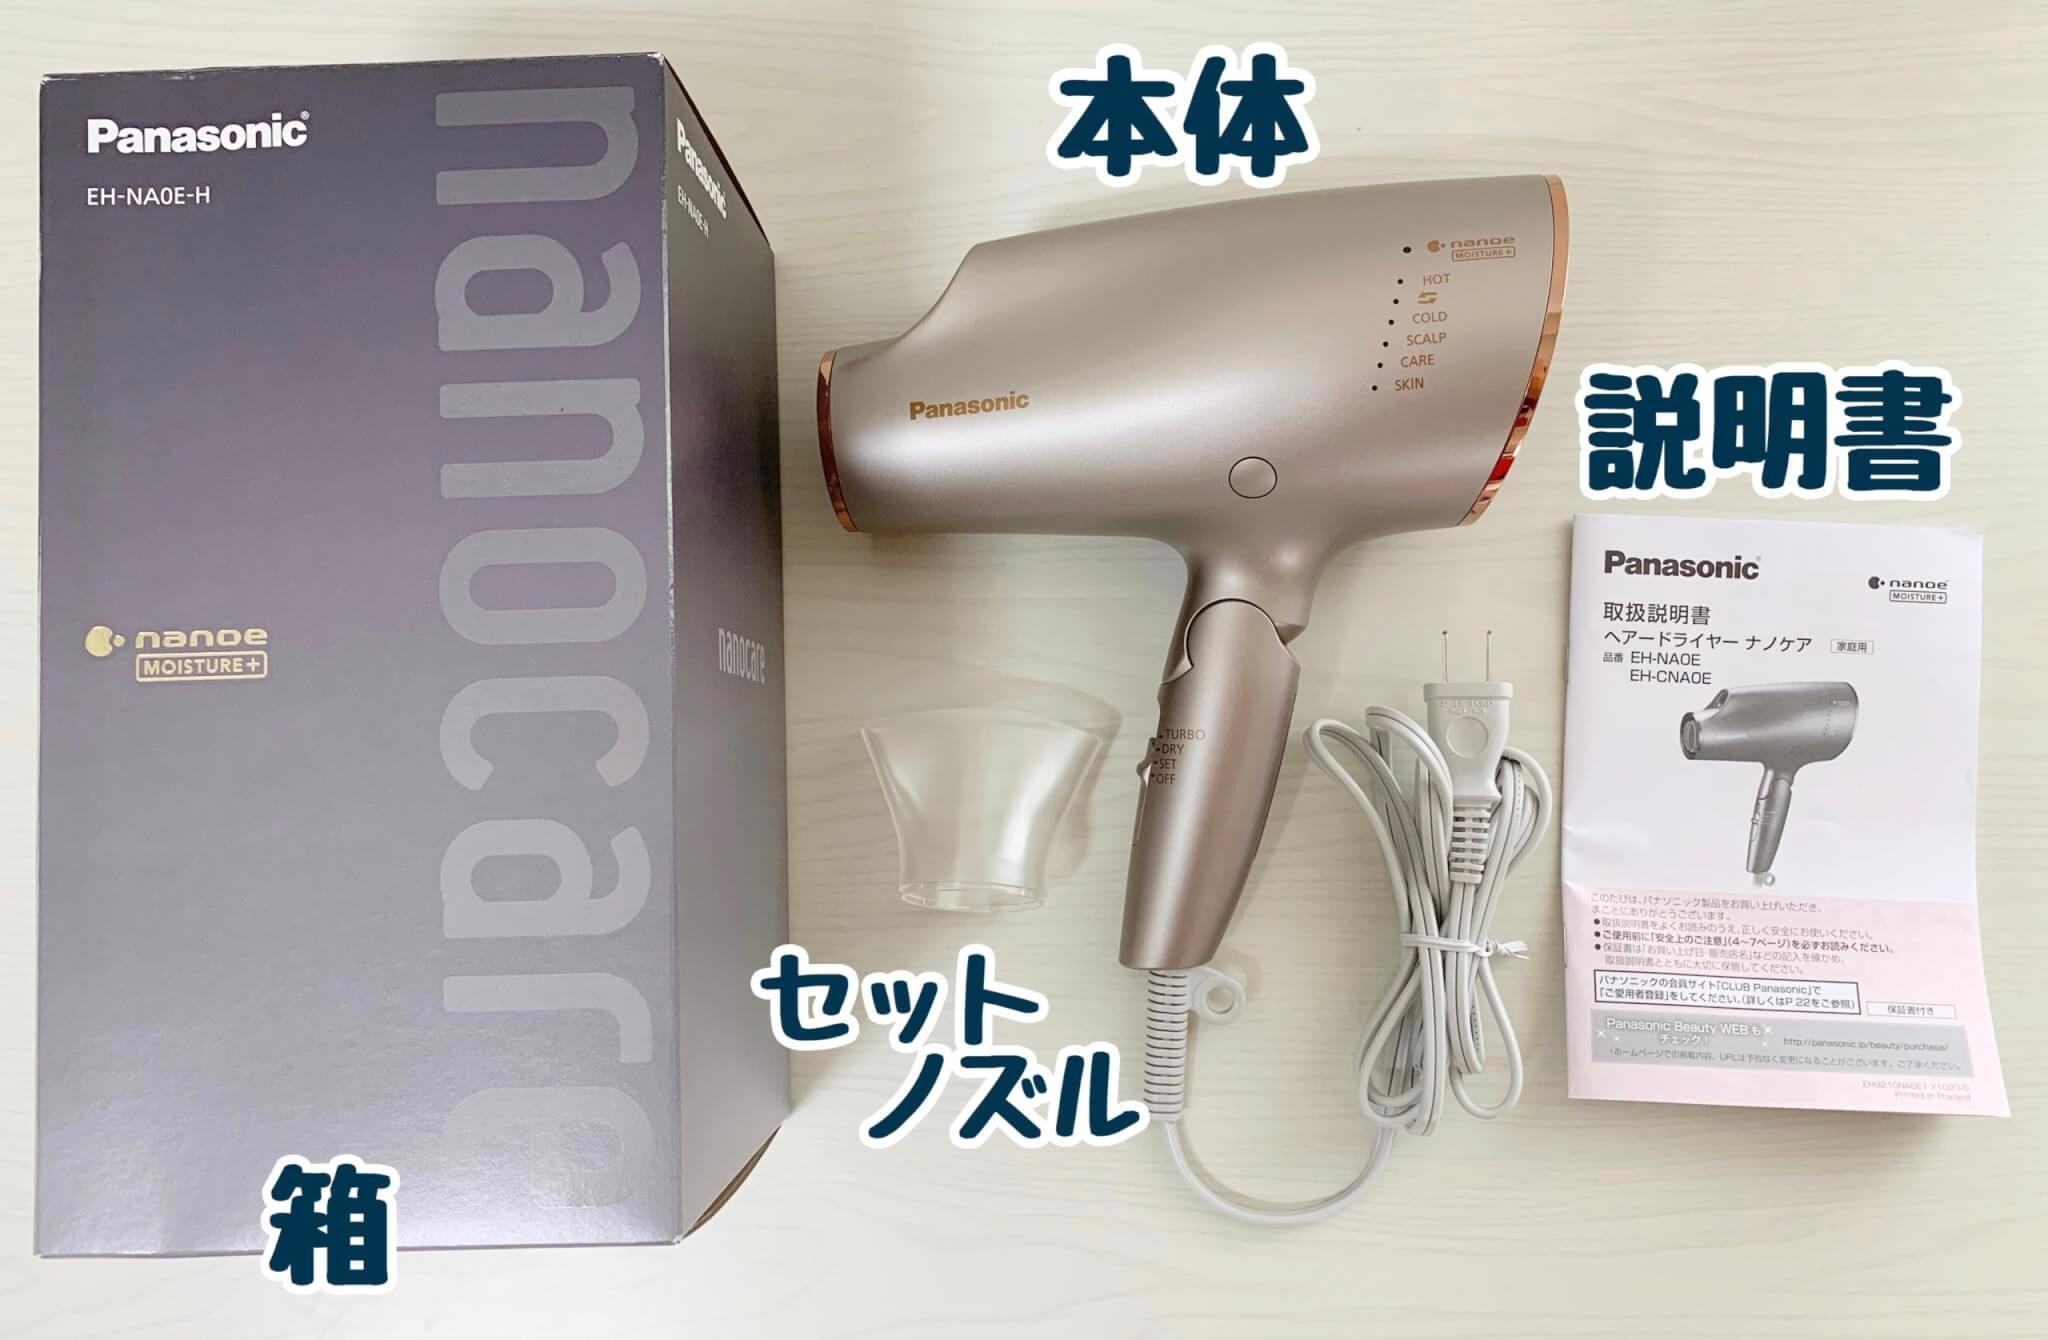 Panasonic ナノケア ドライヤー EH-NA0E